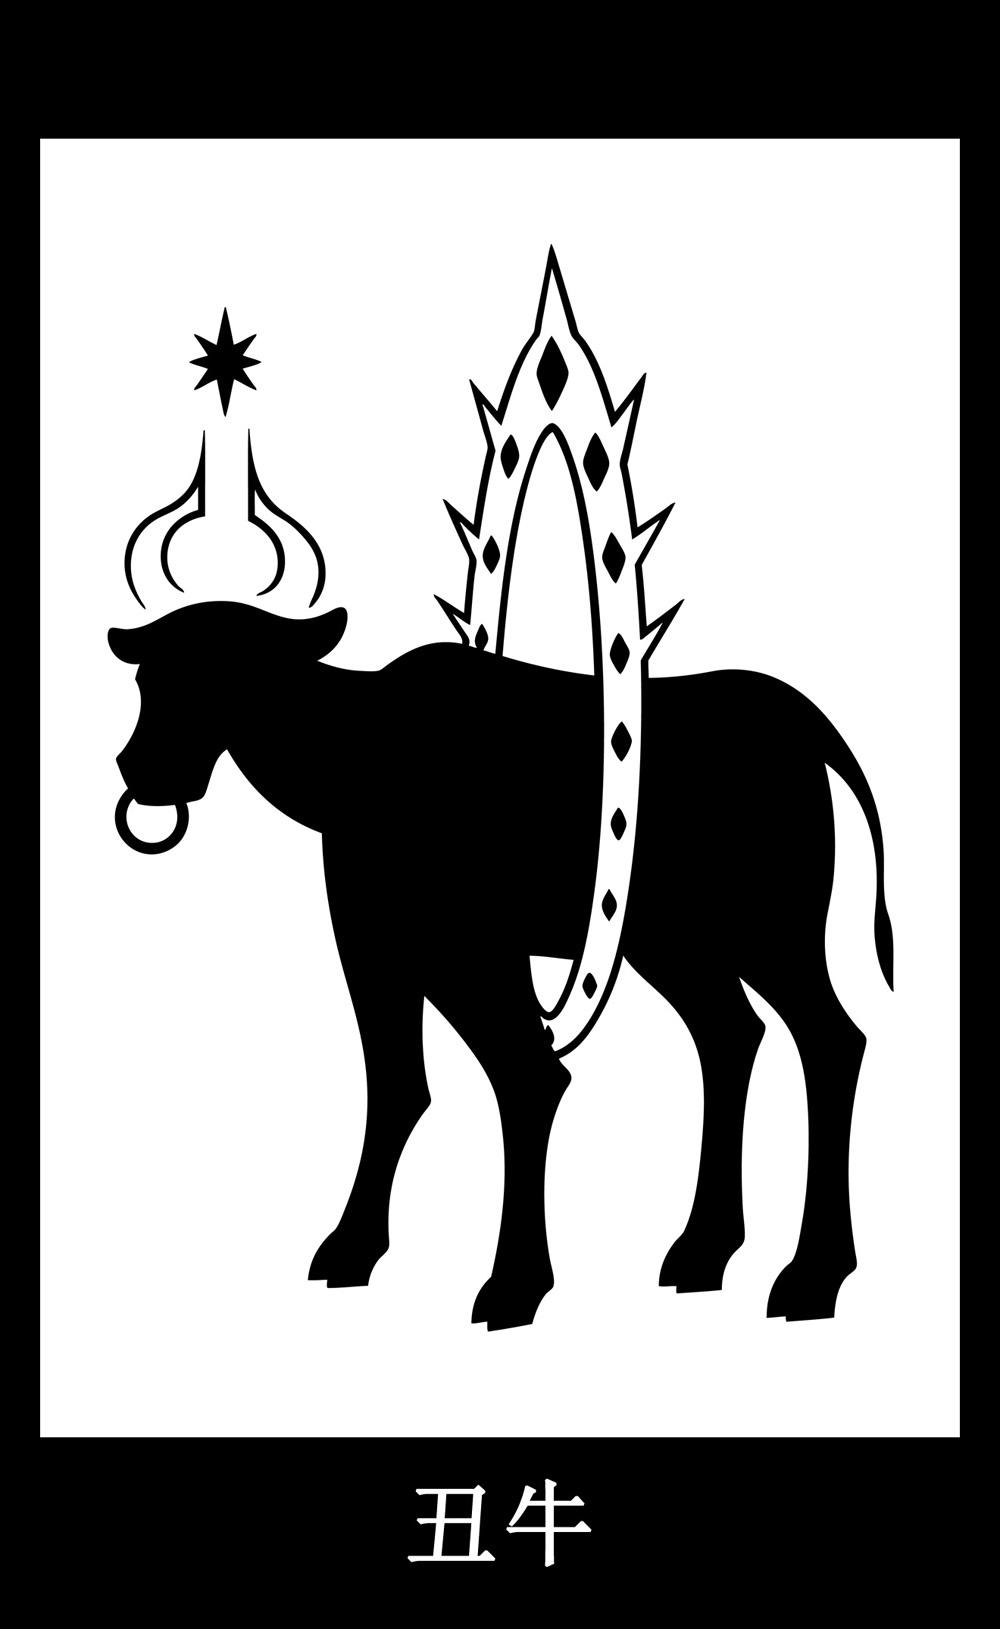 02 - 牛 - SCP-2280 - Extra Nightly Cow